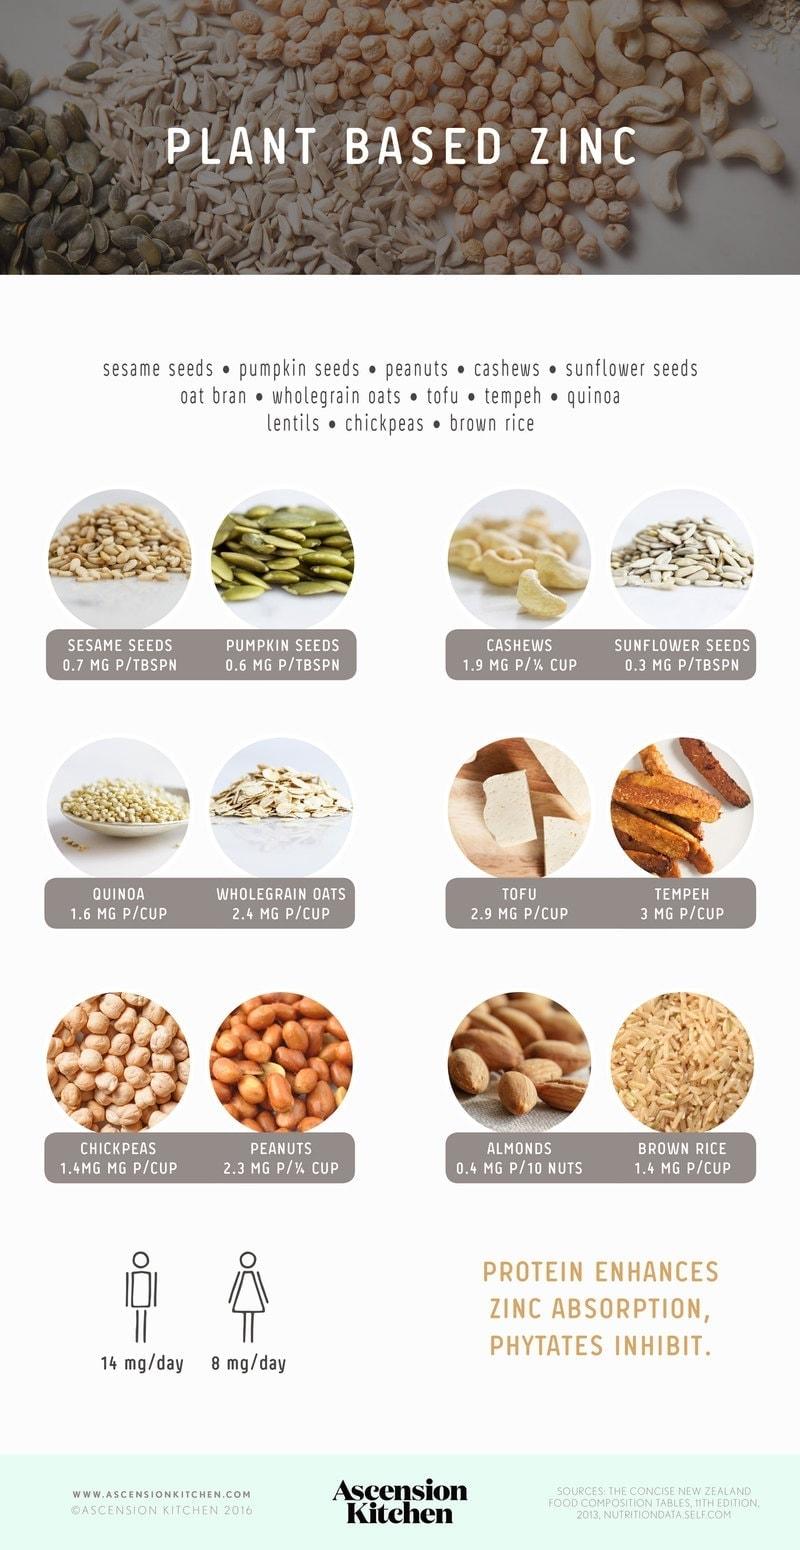 Plant based sources of zinc